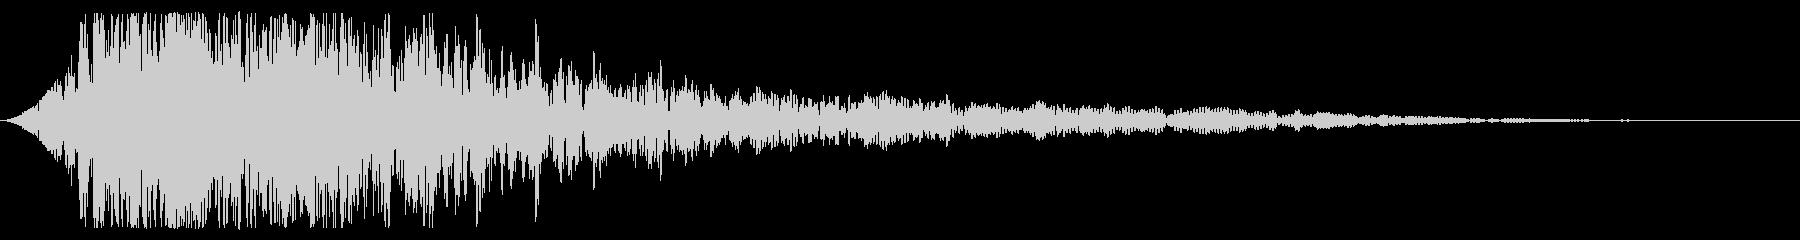 シェーキングメタルエクスプロージョ...の未再生の波形